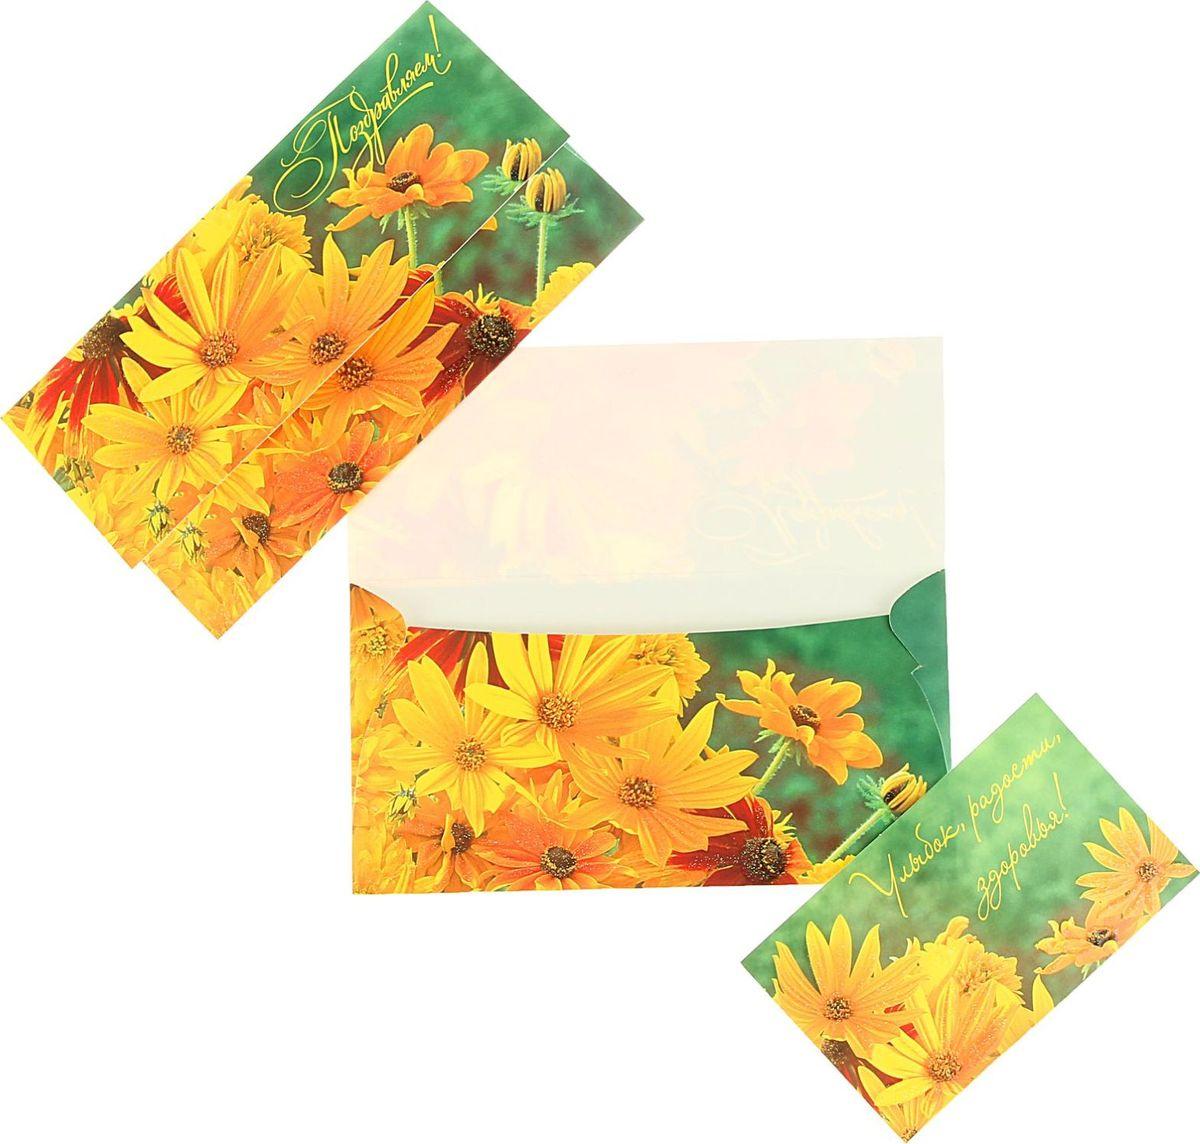 Конверт для денег Русский дизайн Поздравляем! Желтые цветы, 16,5 х 8,5 см1536047Невозможно представить нашу жизнь без праздников! Мы всегда ждём их и предвкушаем, обдумываем, как проведём памятный день, тщательно выбираем подарки и аксессуары, ведь именно они создают и поддерживают торжественный настрой. Этот конверт для денег - отличный выбор, который привнесёт атмосферу праздника в ваш дом!